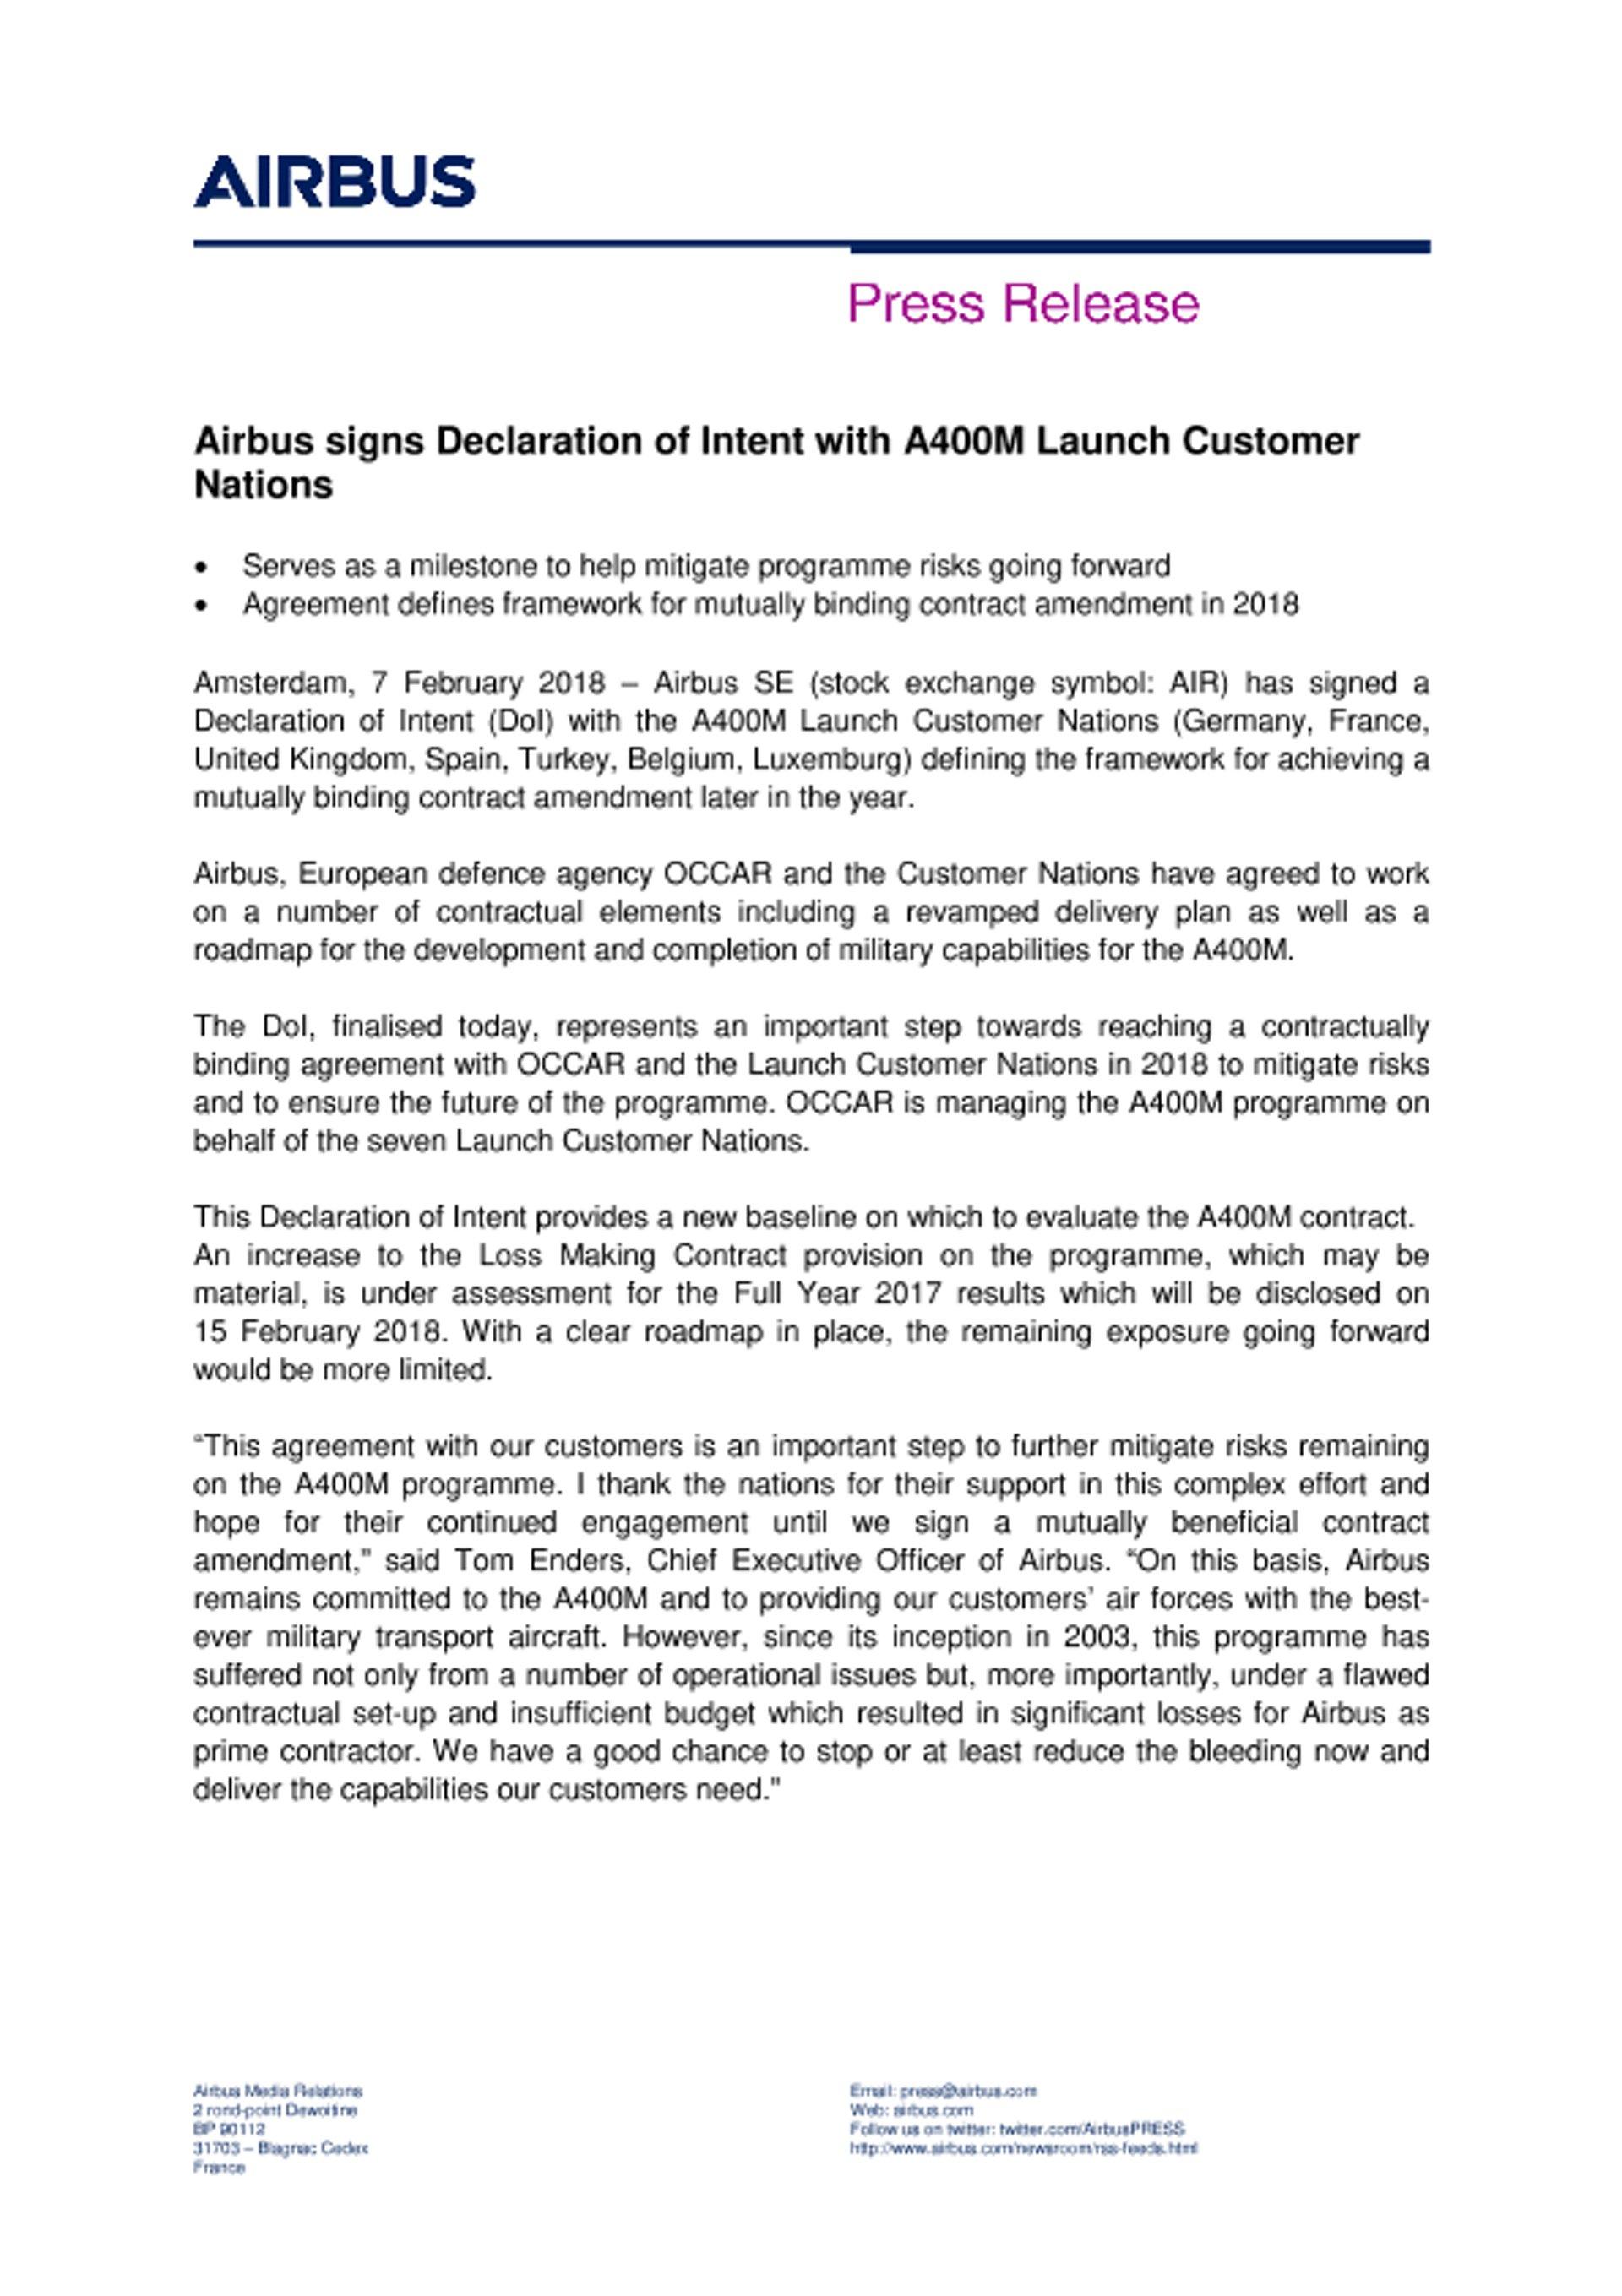 EN_Press Release - Airbus A400M DOI